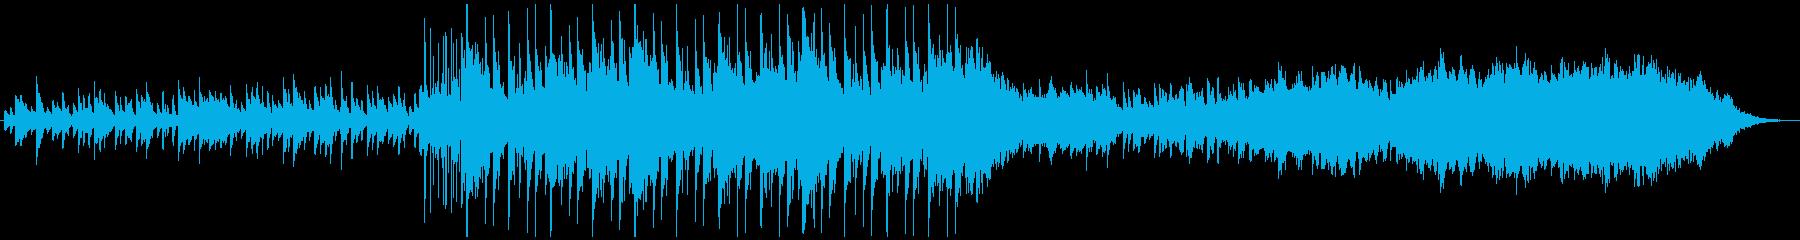 シンセ音と弦楽器の融合の再生済みの波形